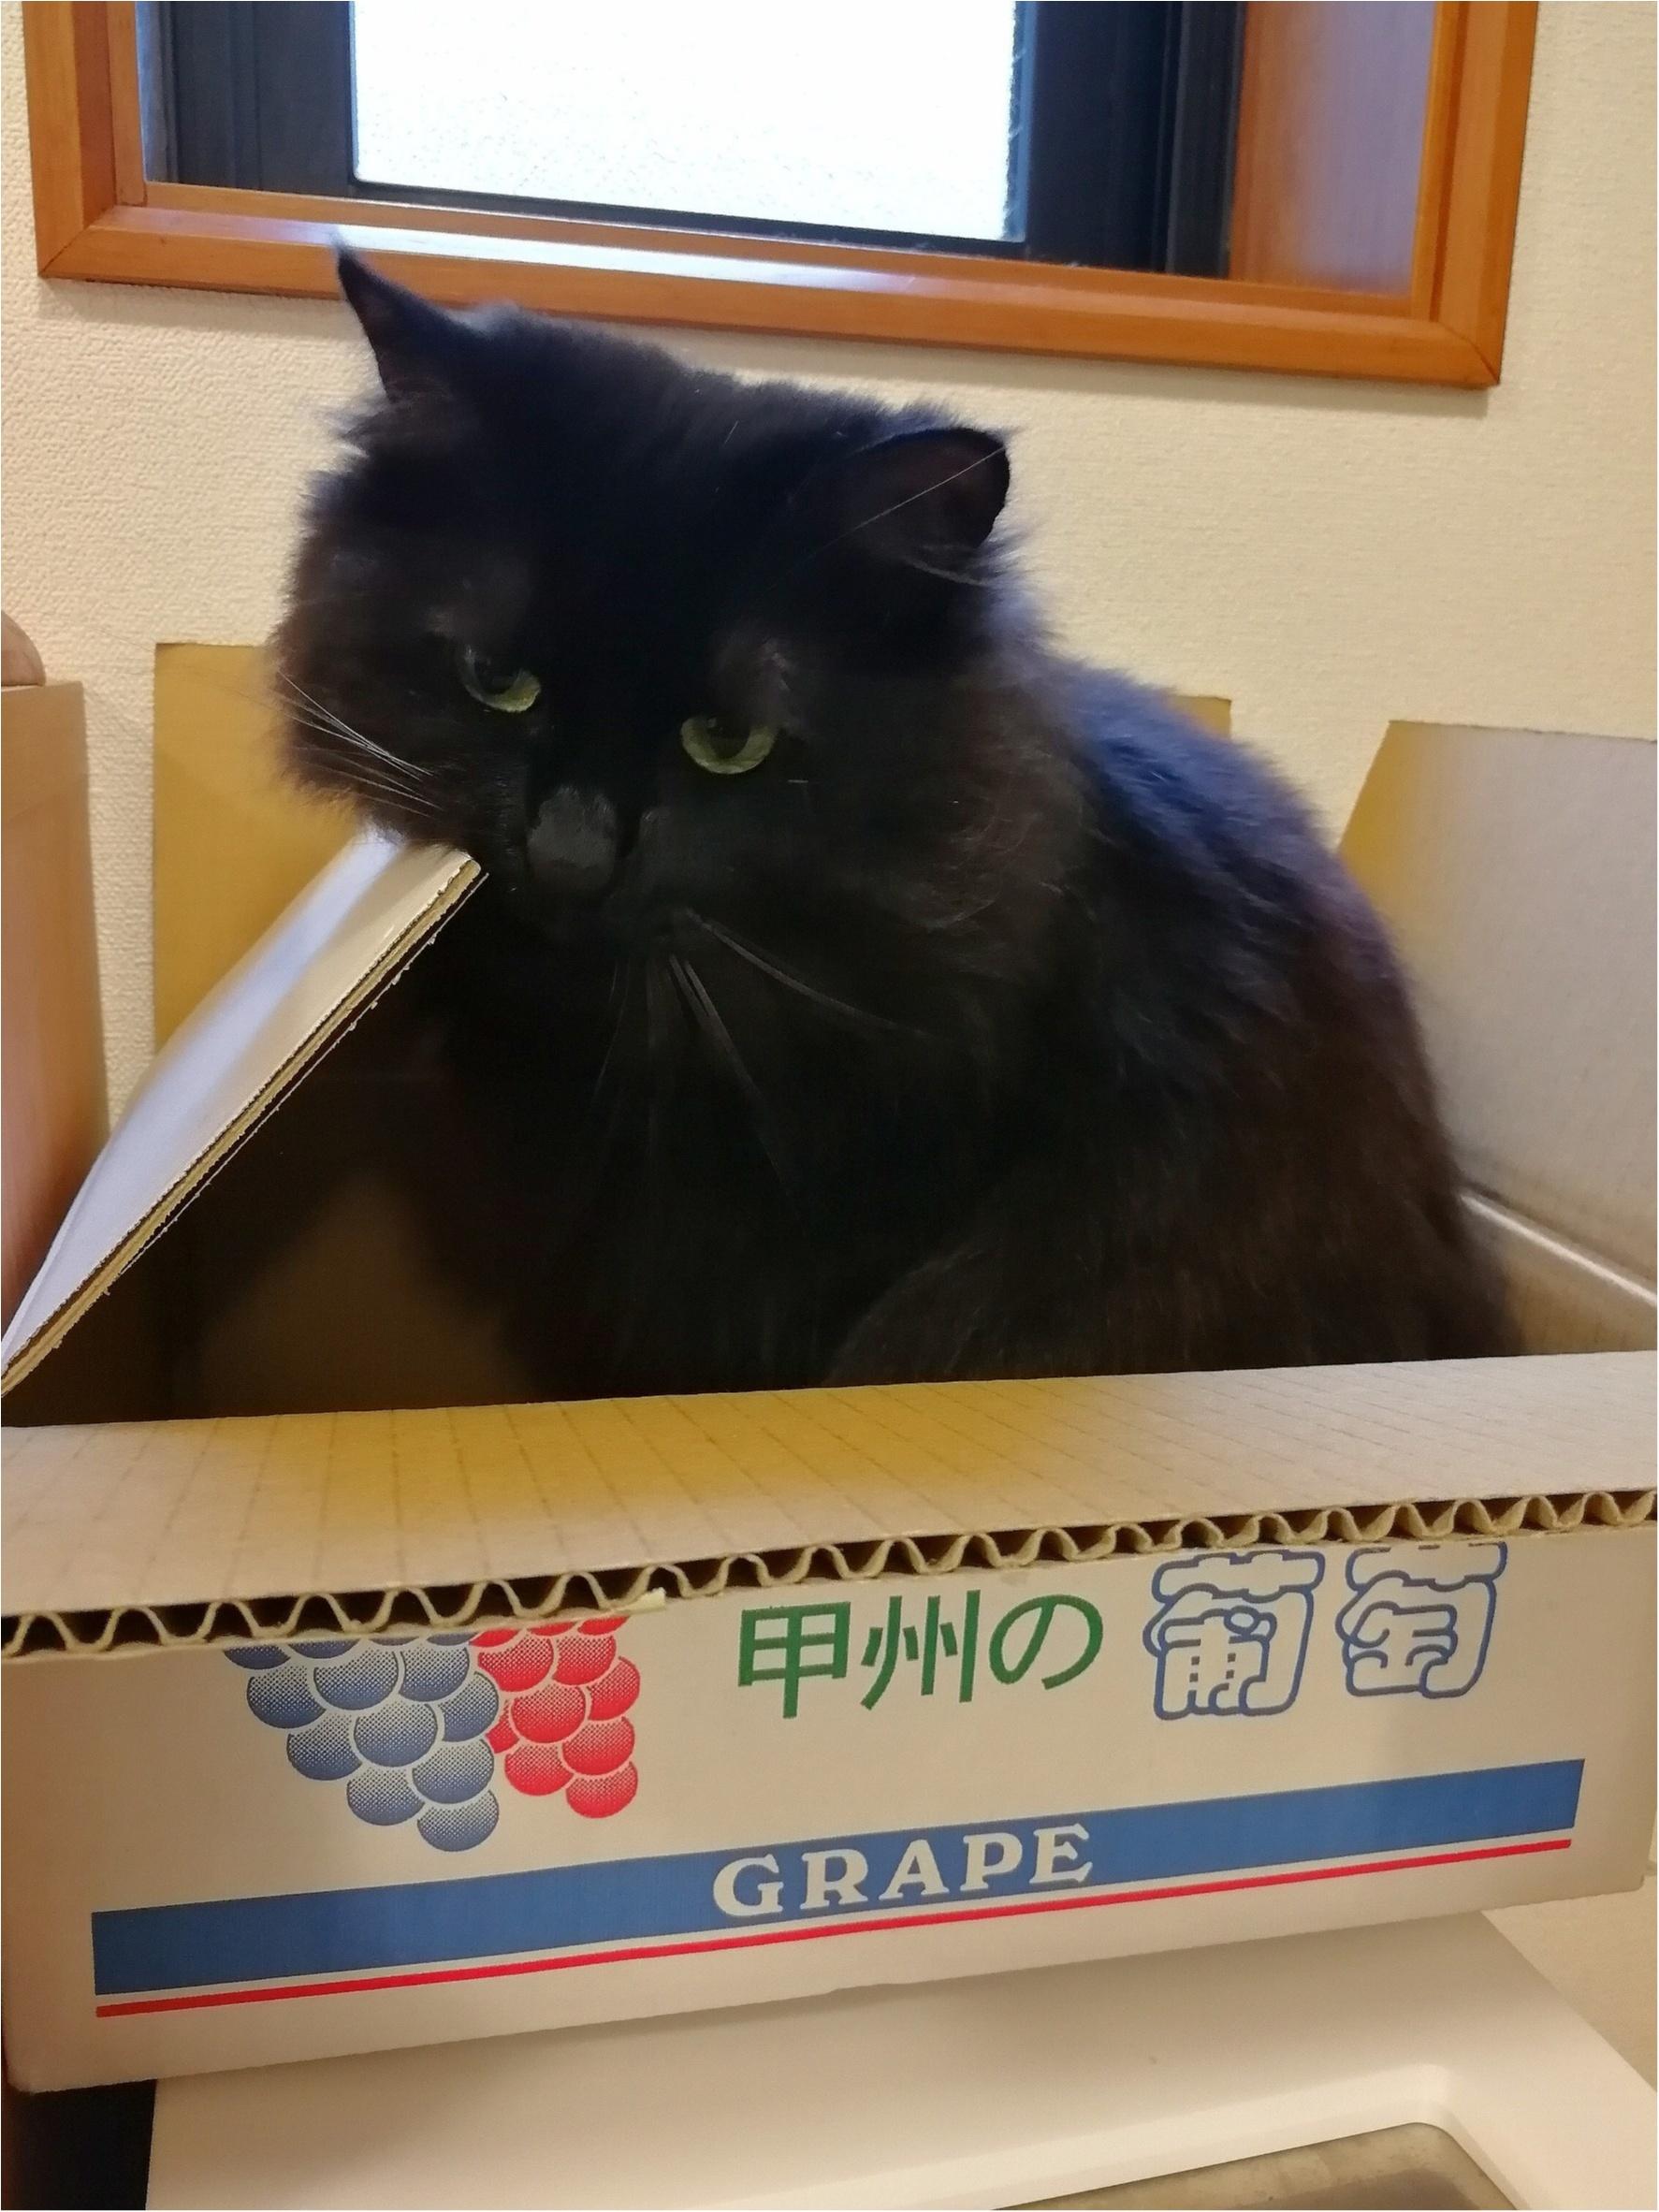 【今日のにゃんこ】なかなかいいにゃ! ゆらちゃんのお気に入りの箱_1